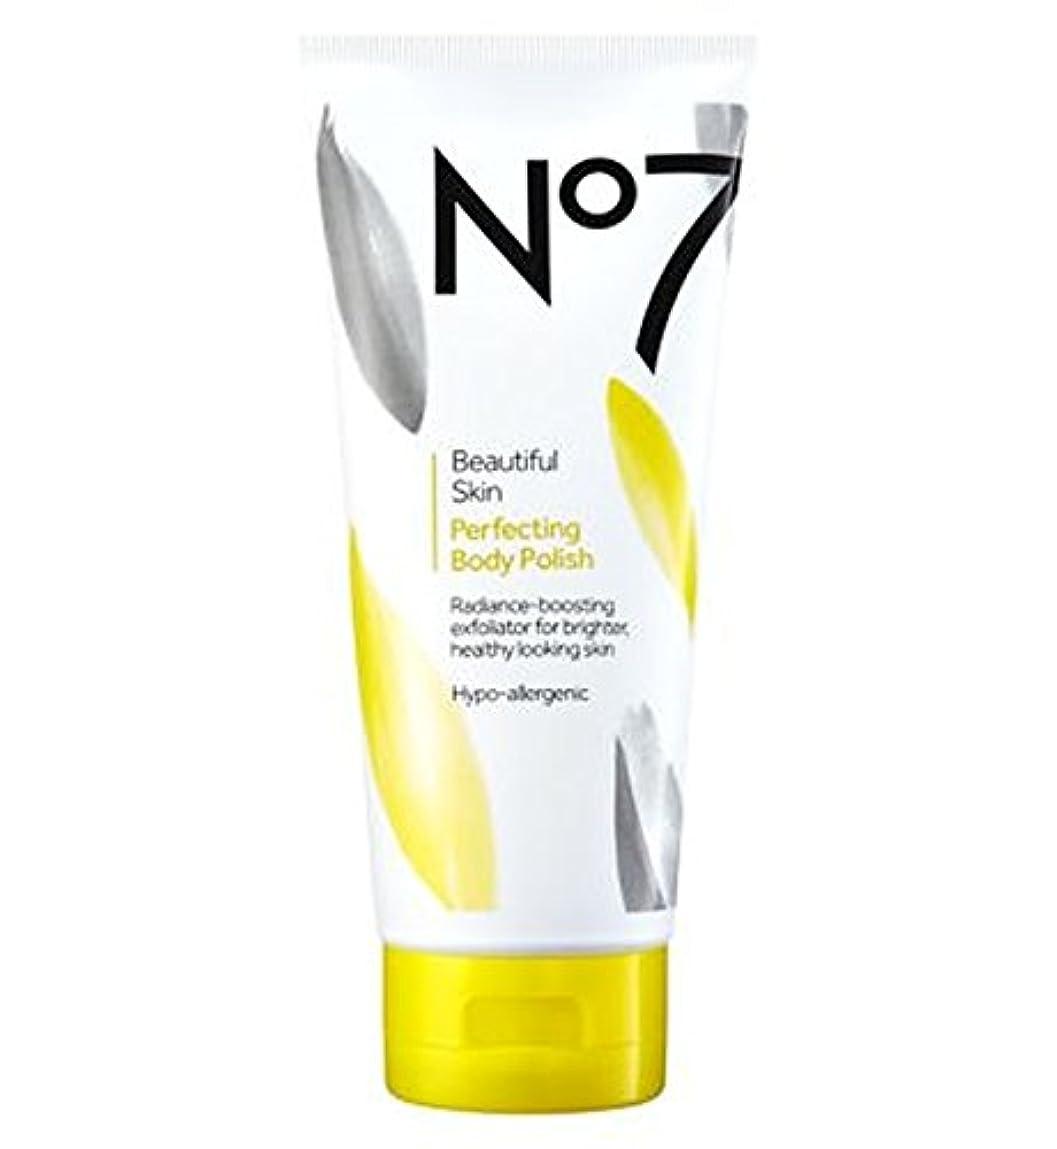 装置の間で休戦No7 Beautiful Skin Perfecting Body Polish - ボディポリッシュを完成No7美肌 (No7) [並行輸入品]